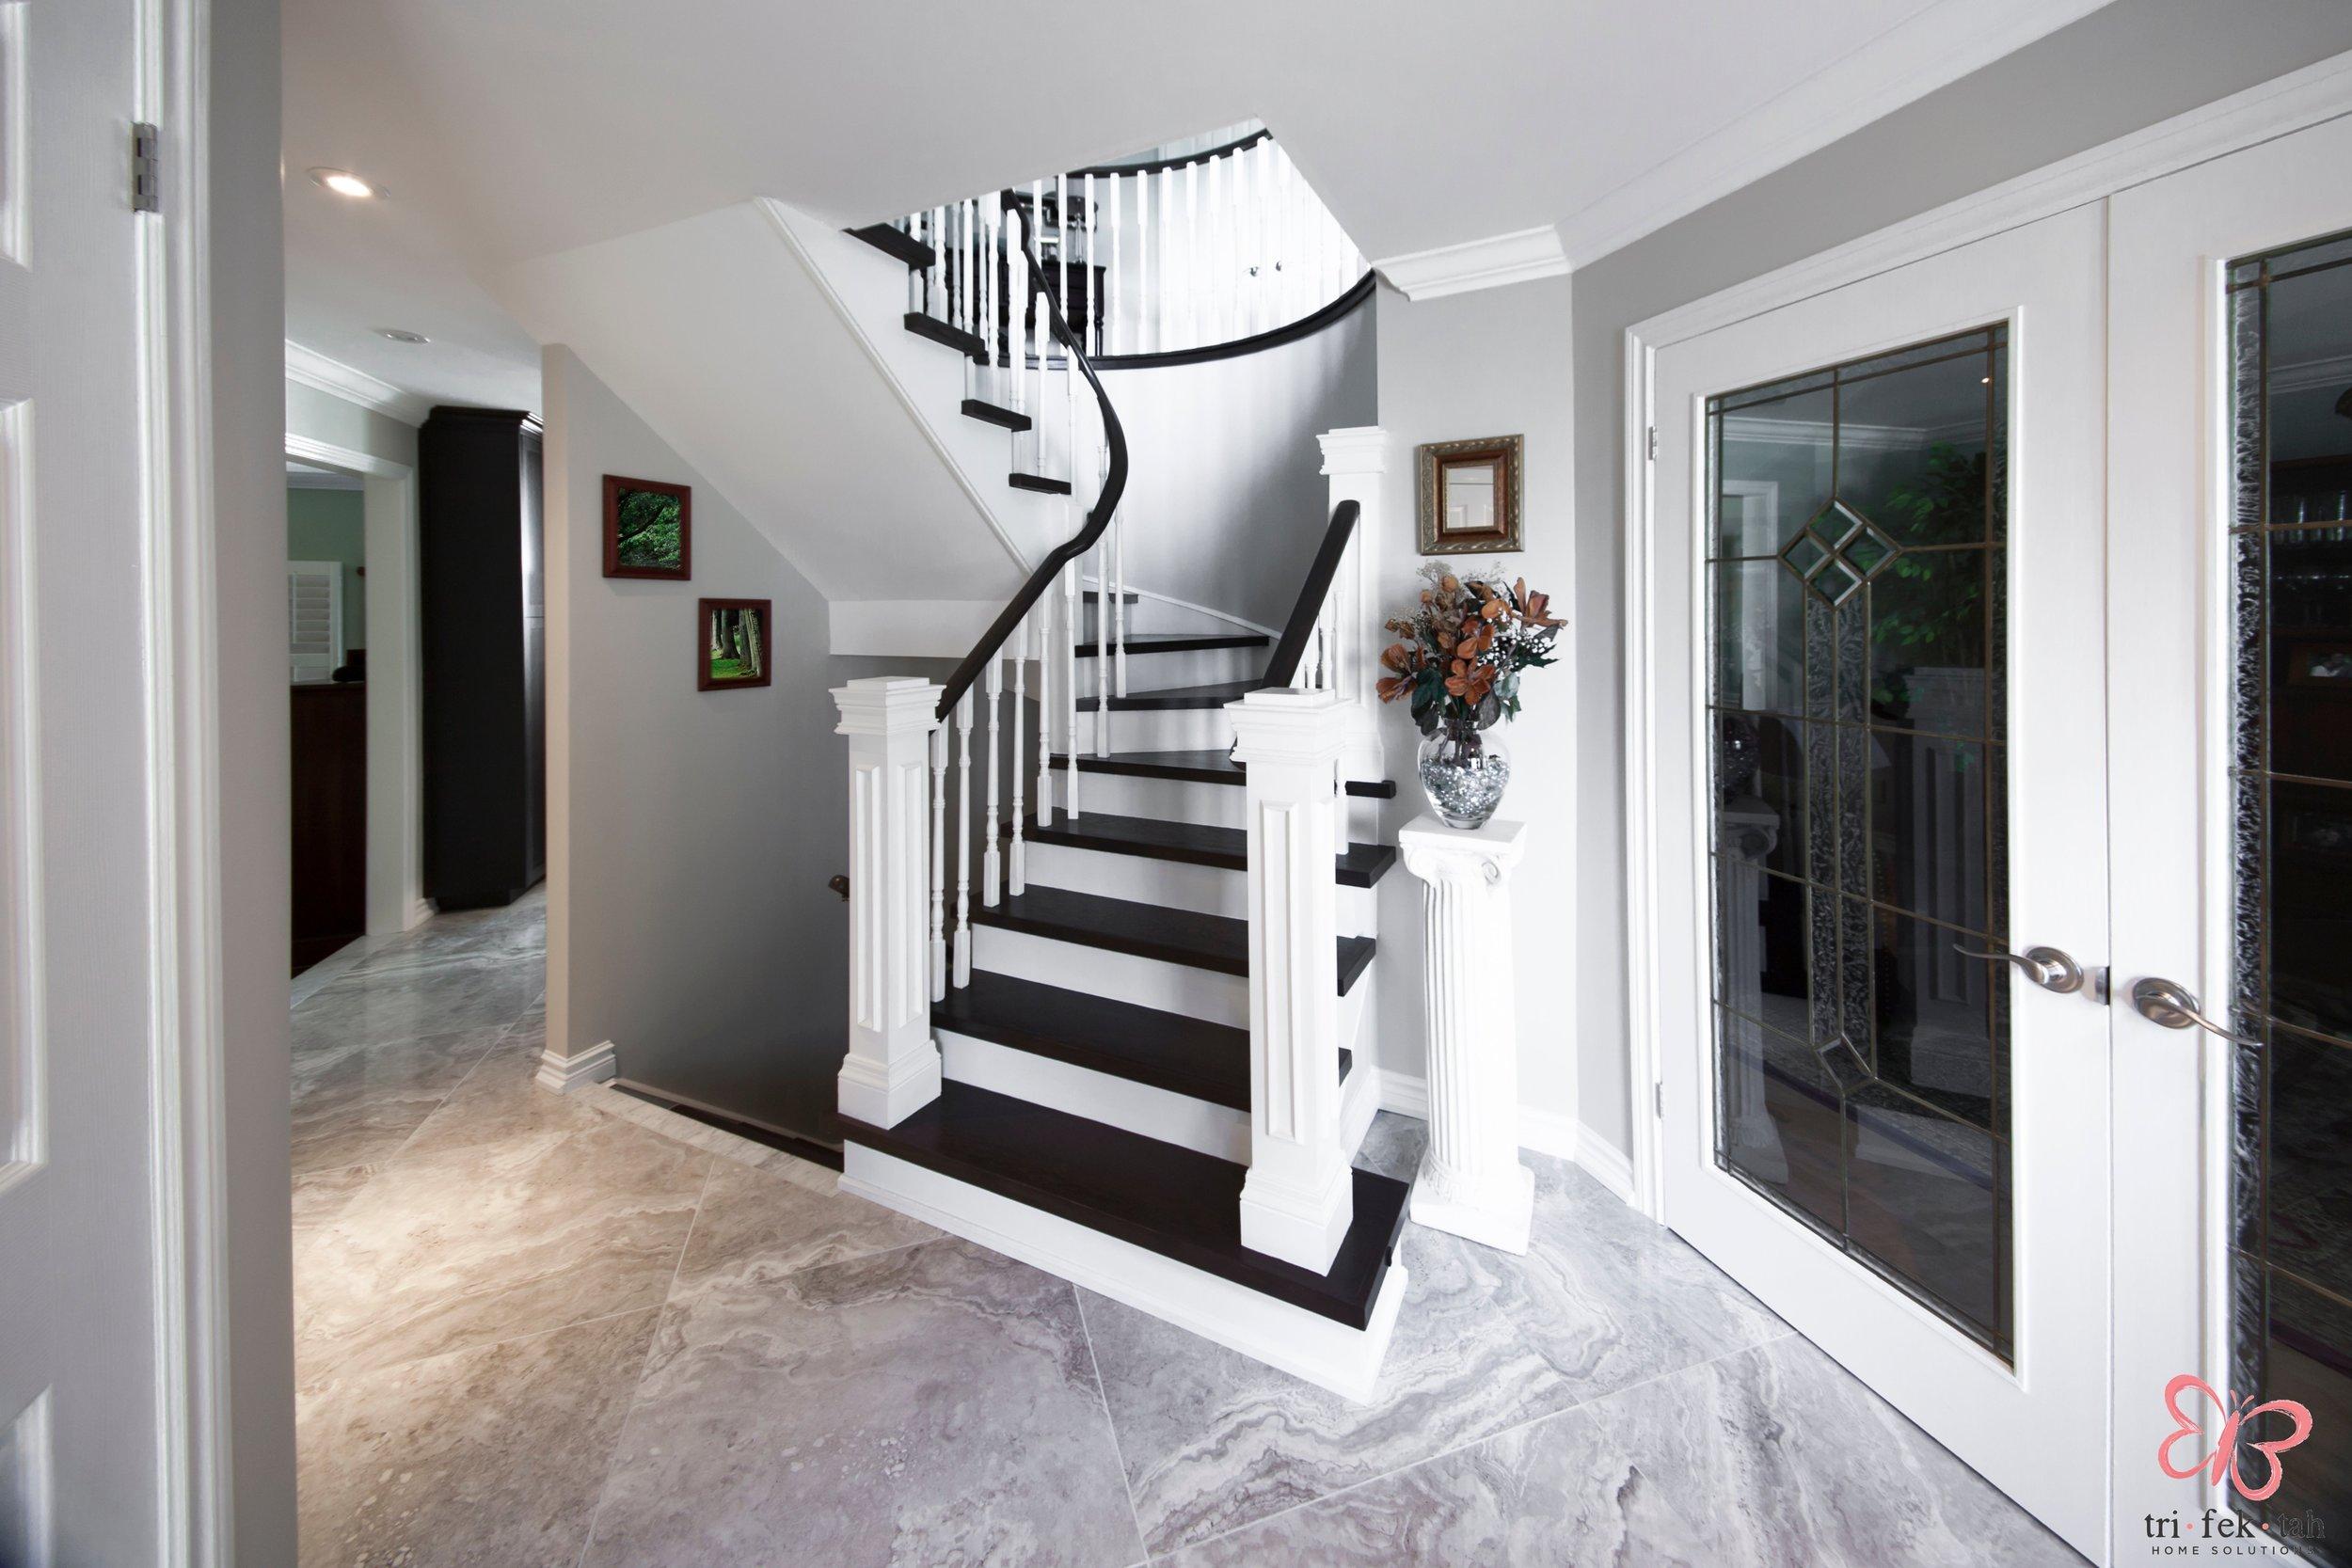 Hemmingway-stairs1.jpg